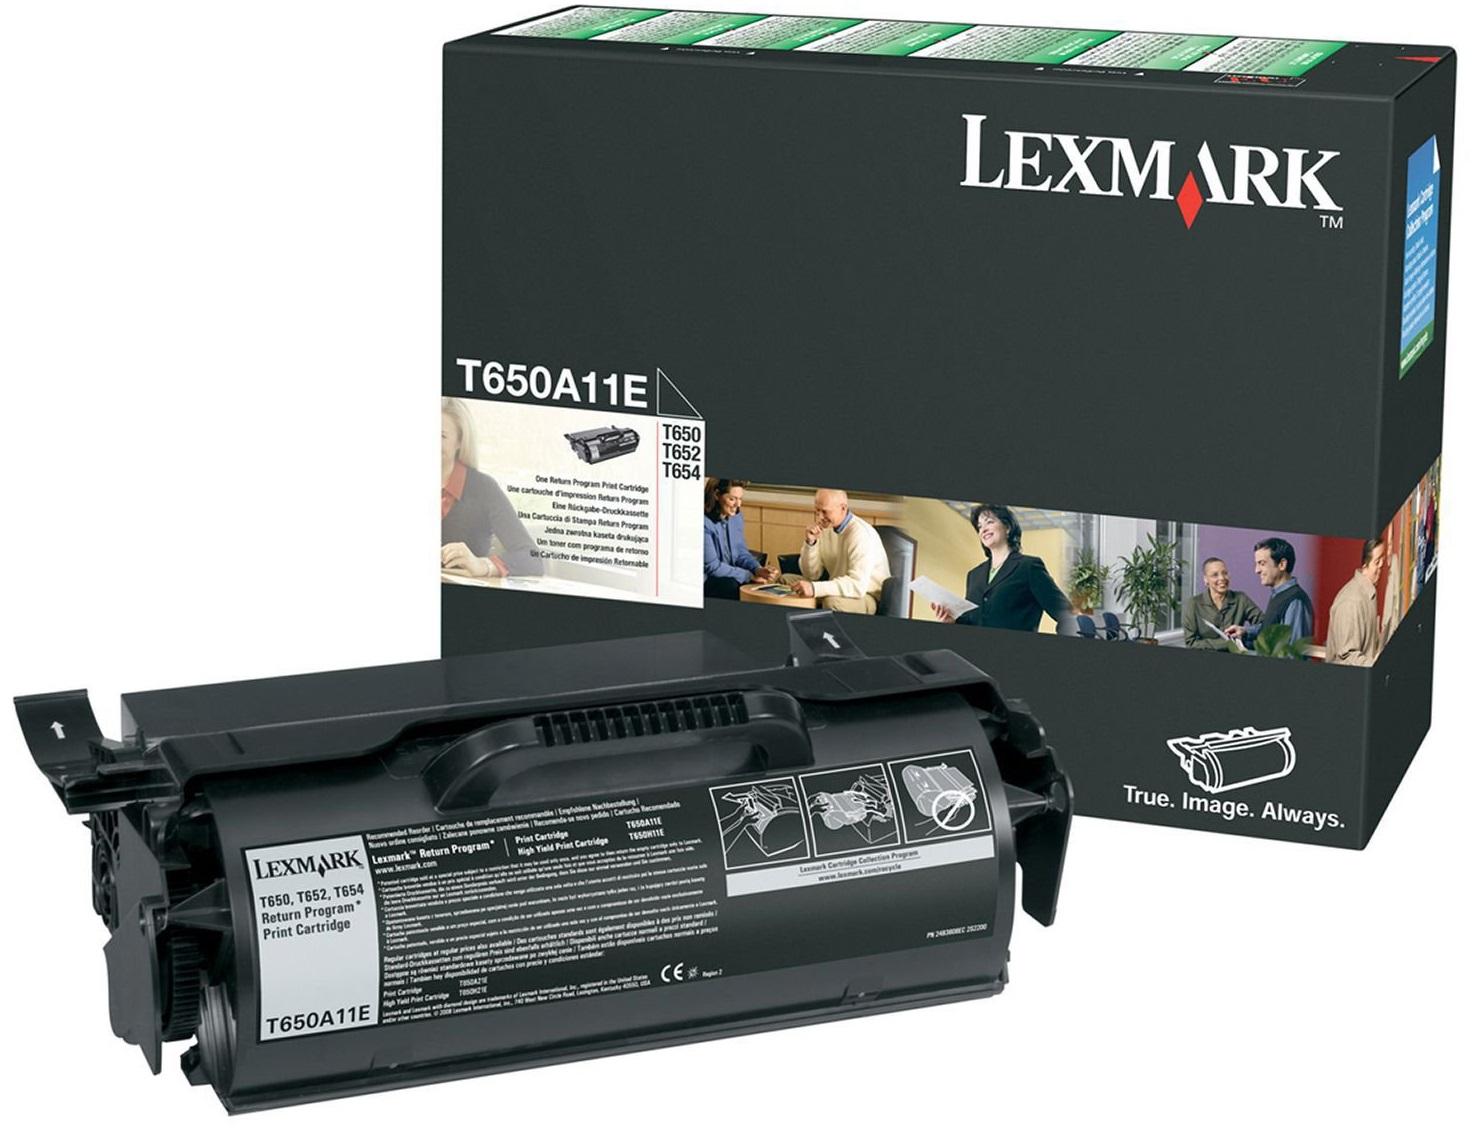 Toner Lexmark T650A11E Black 7K Pgs (T650A11E)